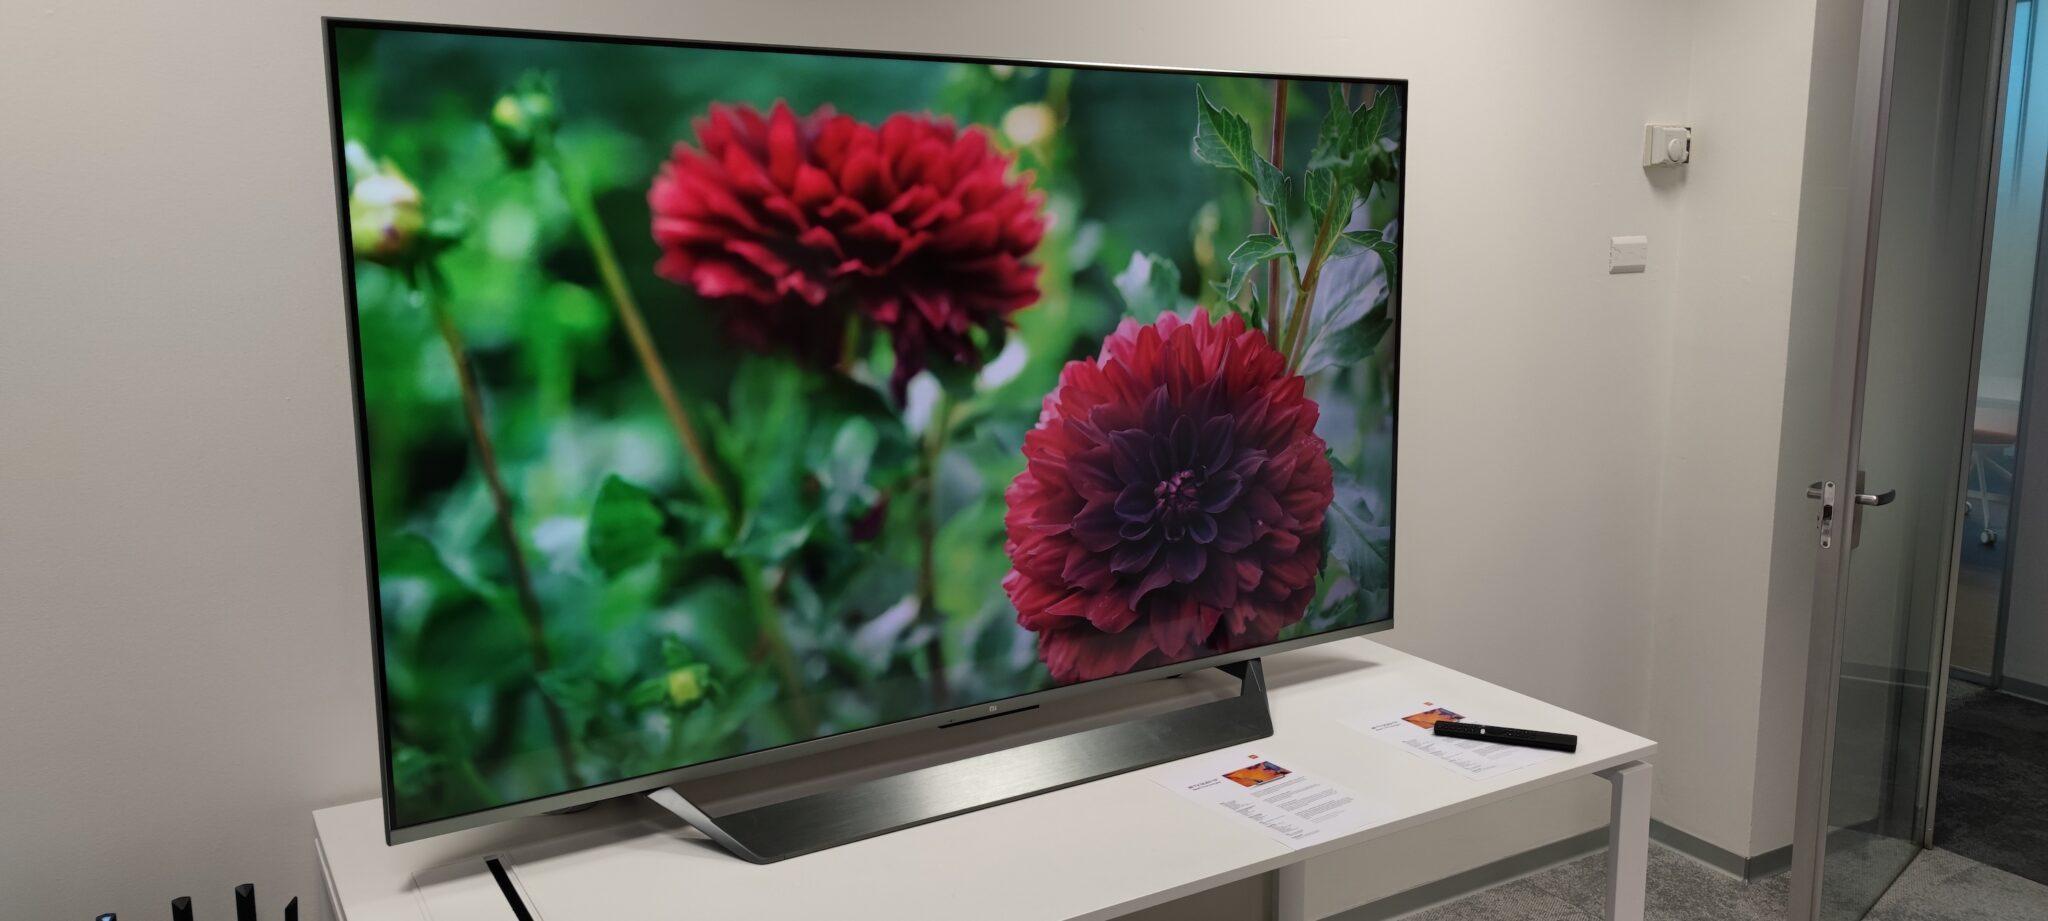 Il Mi TV Q1 75″ di Xiaomi: prezzi, promozioni e video